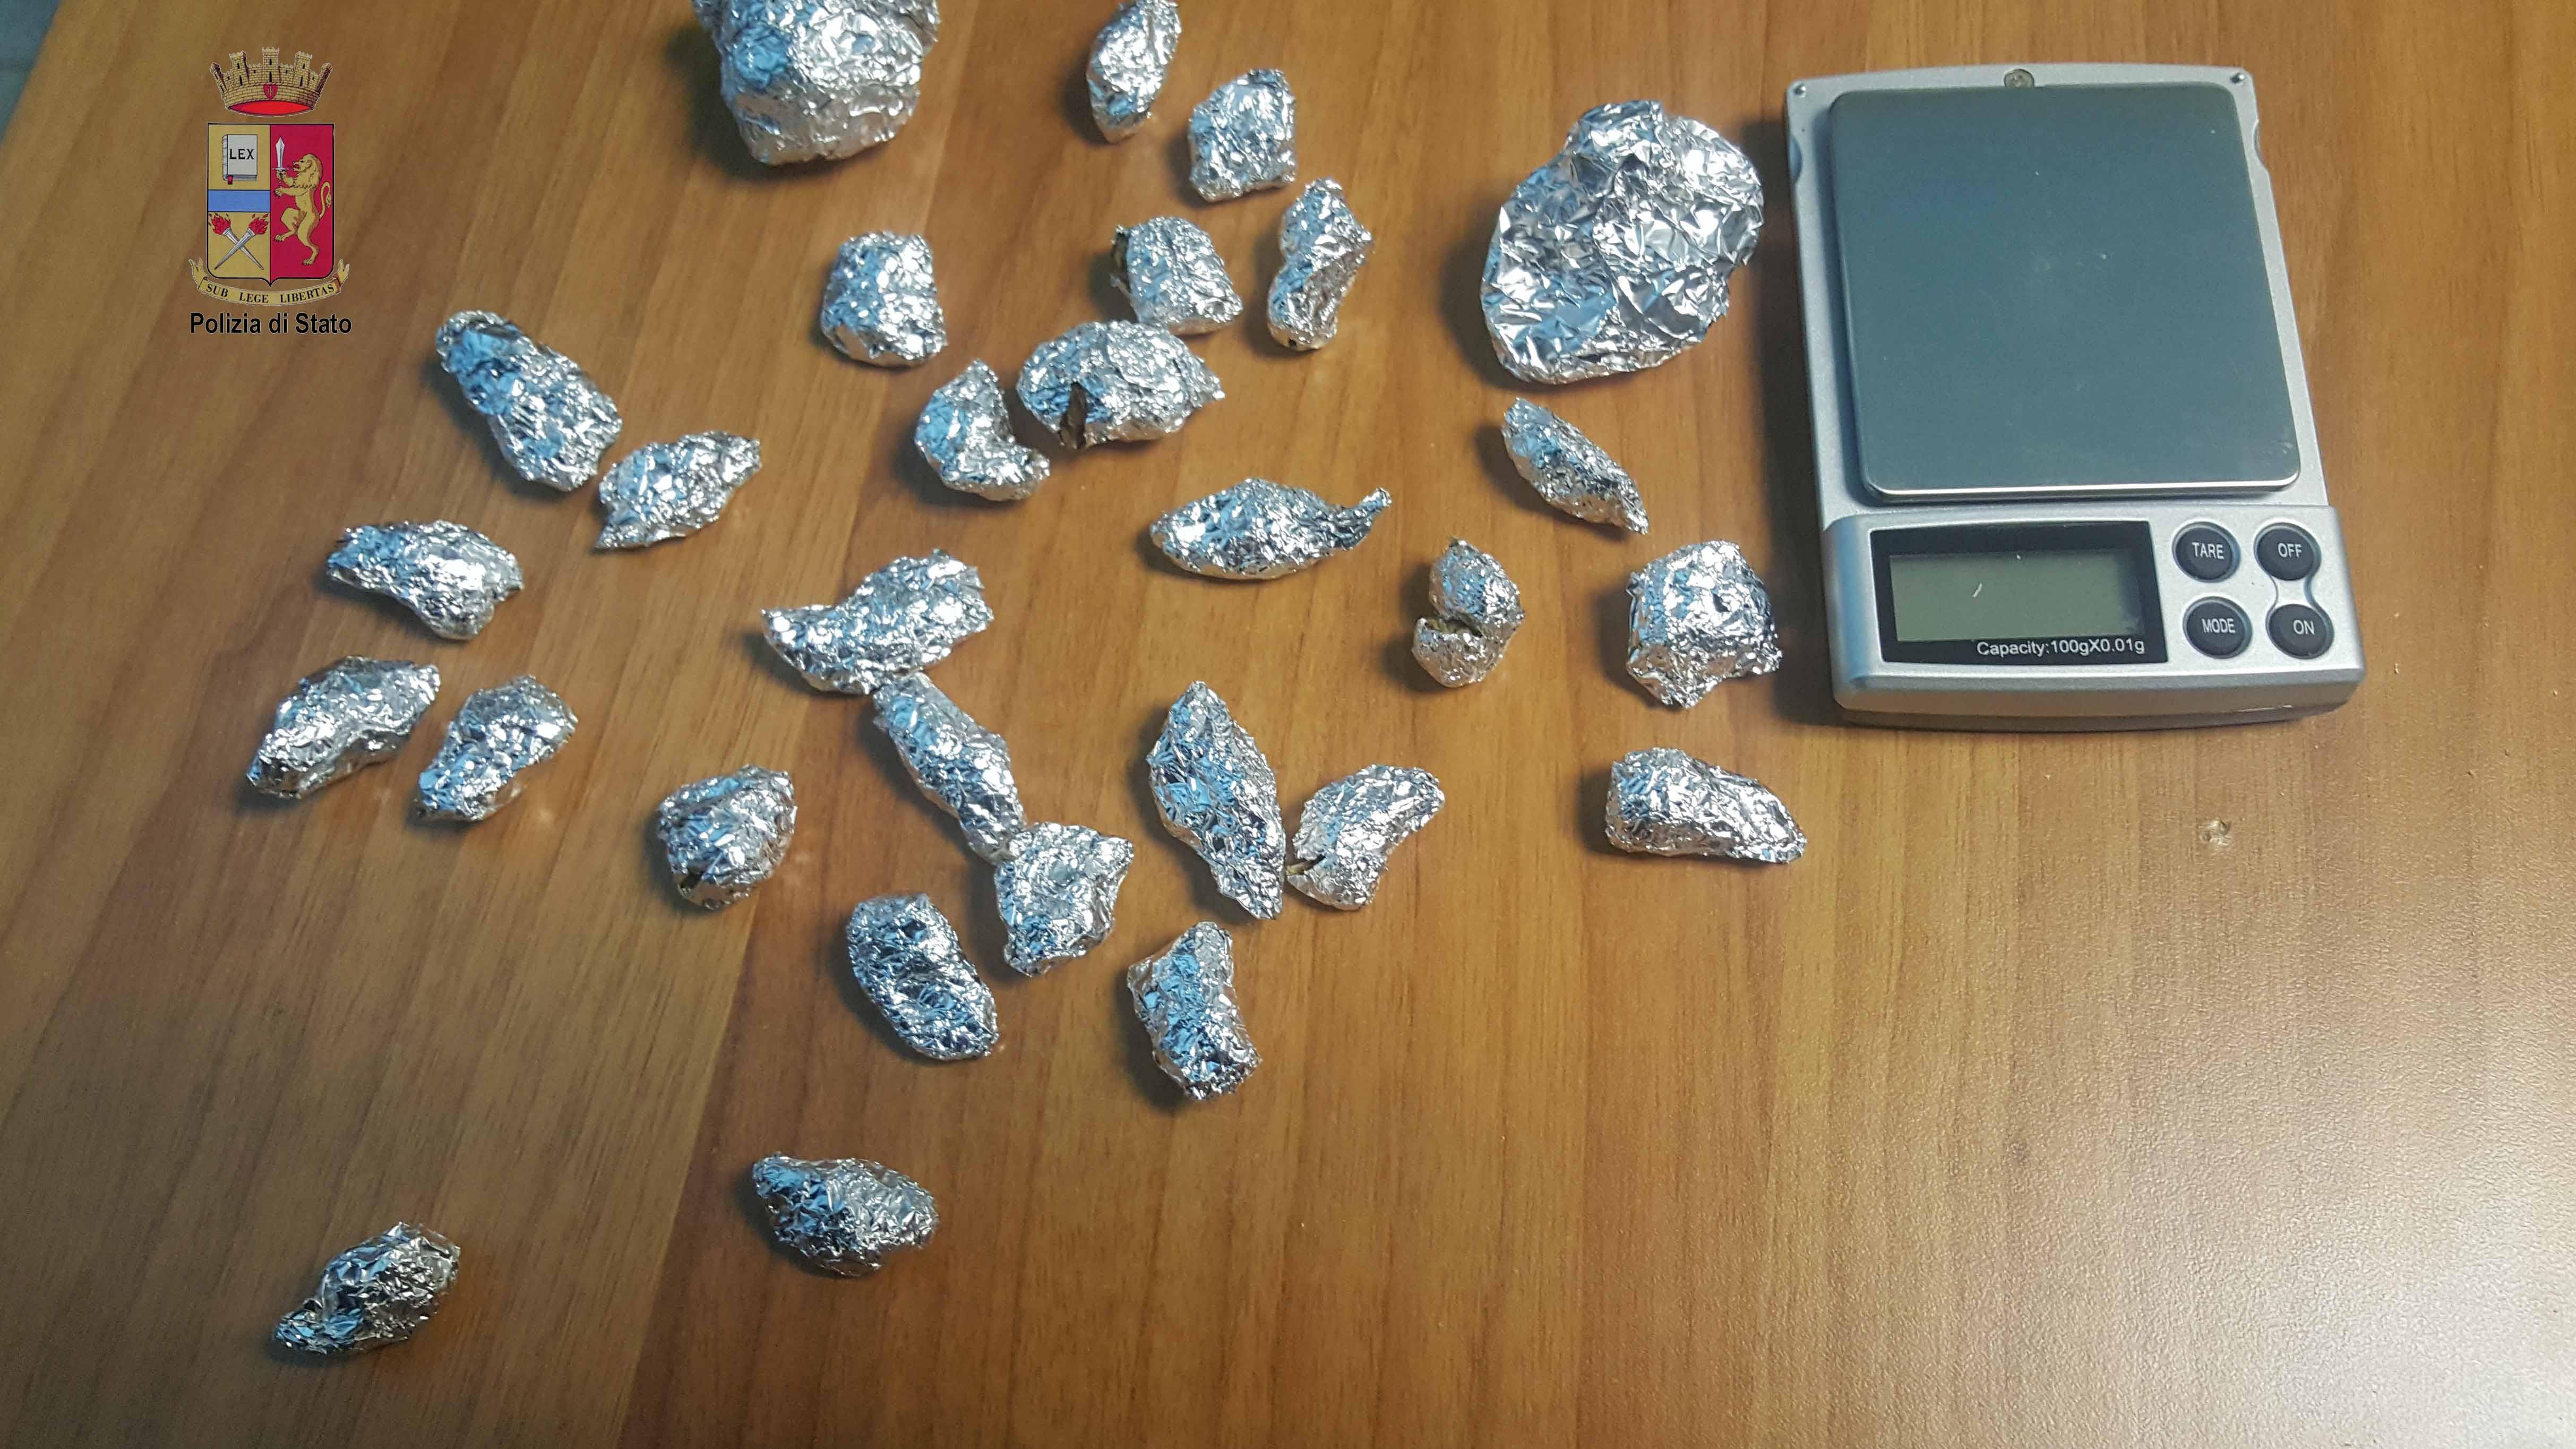 Foto del materiale sequestrato a Carmelo Sgrò dalla Polizia